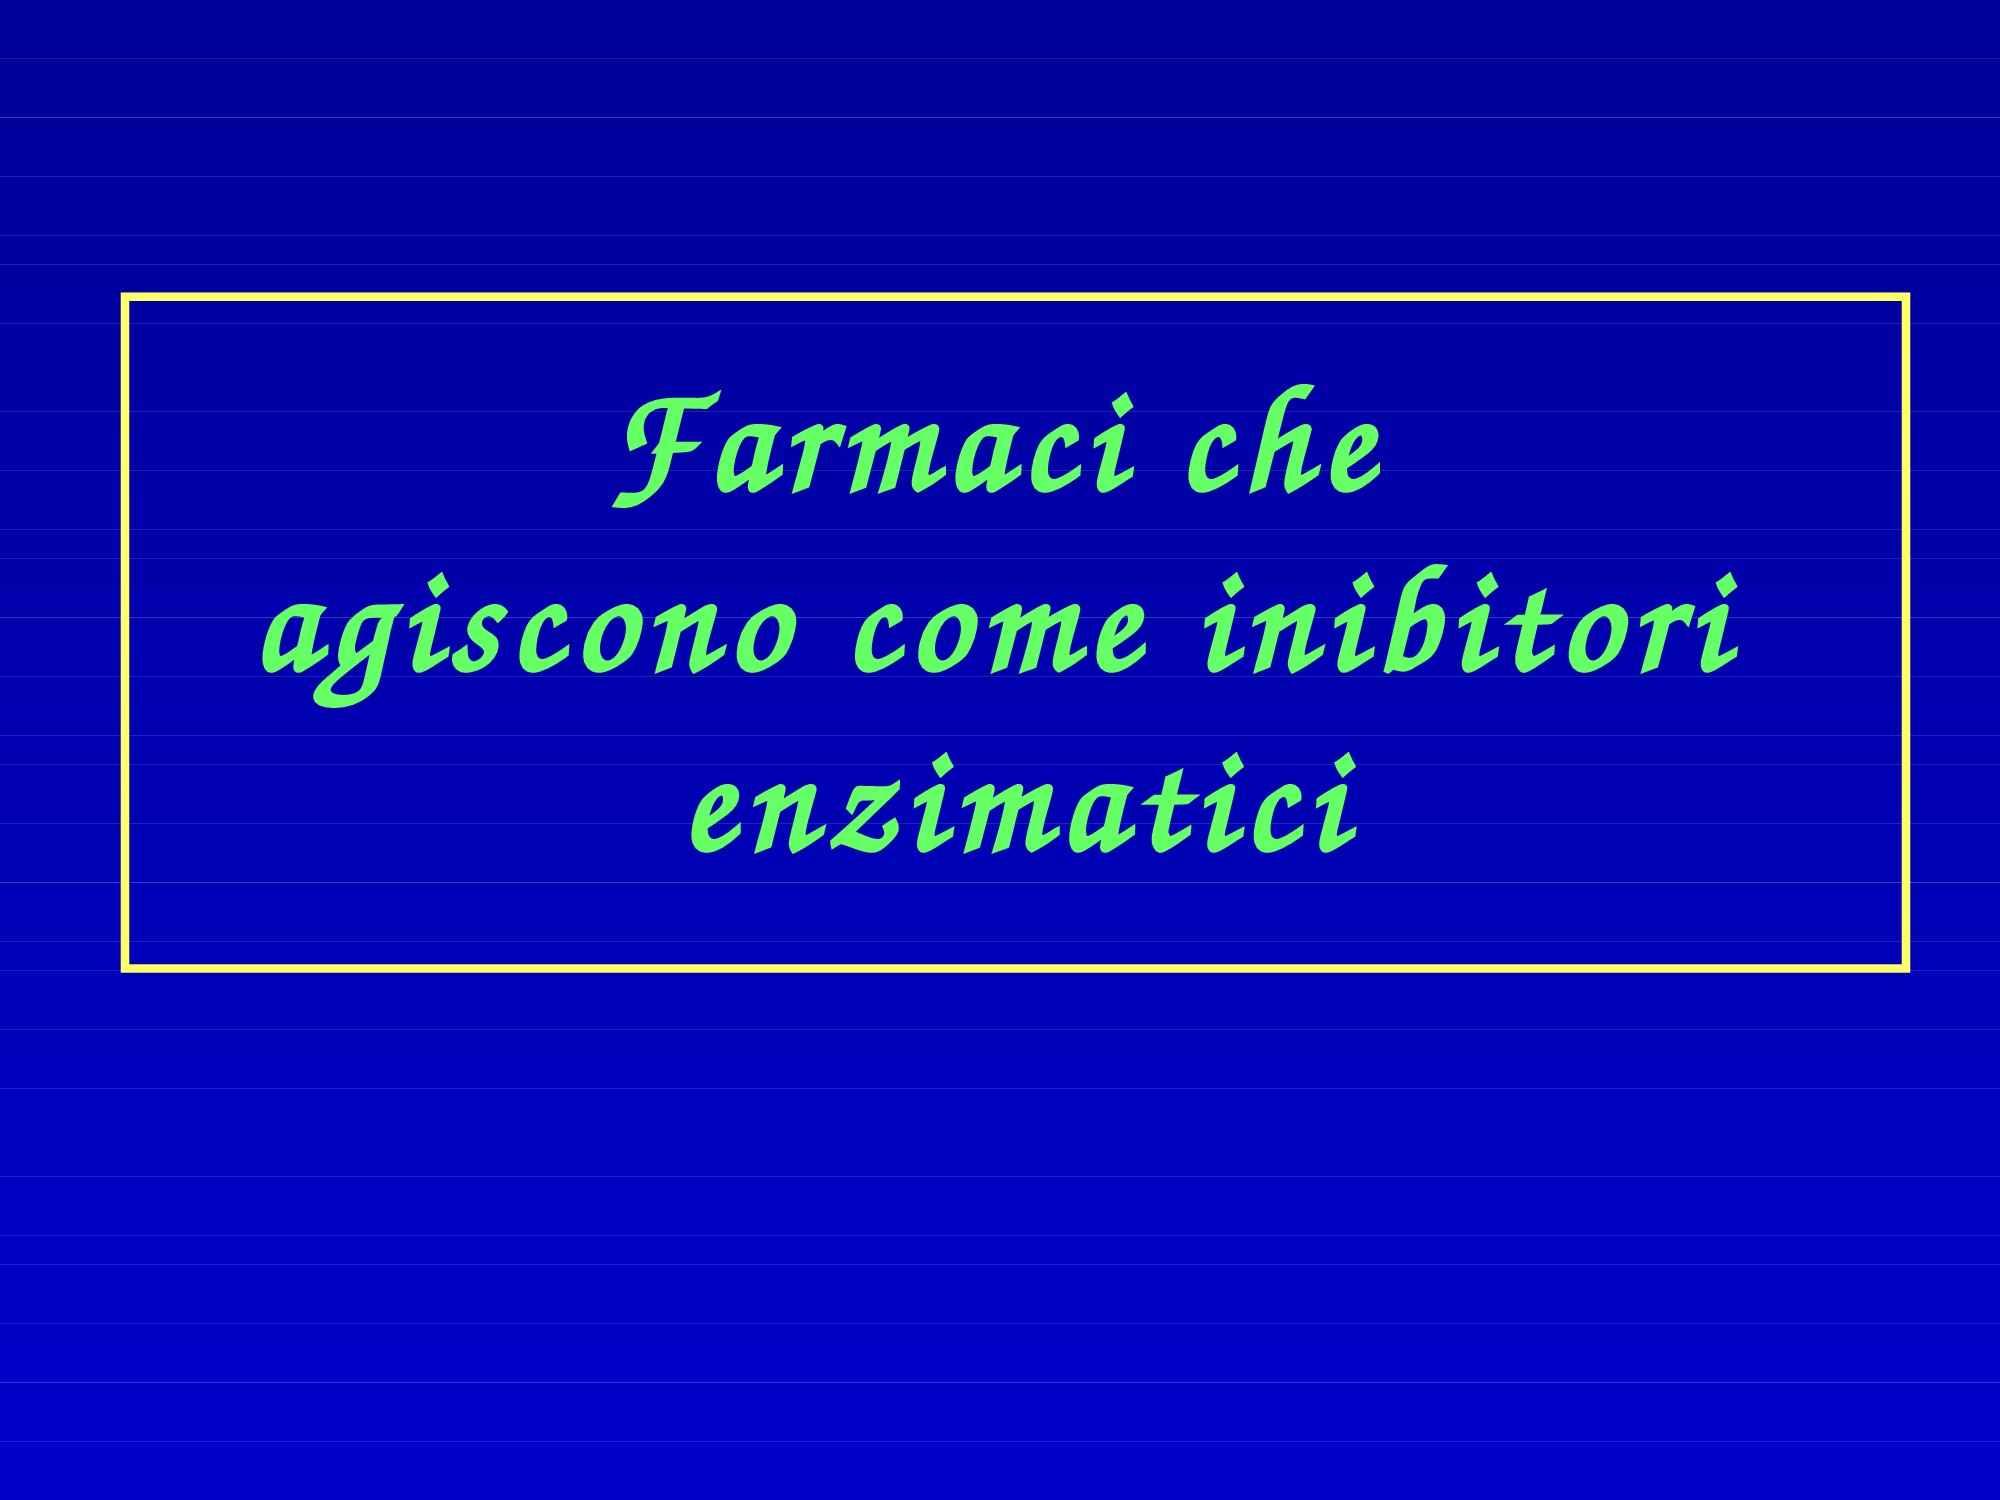 Farmaci inibitori enzimatici